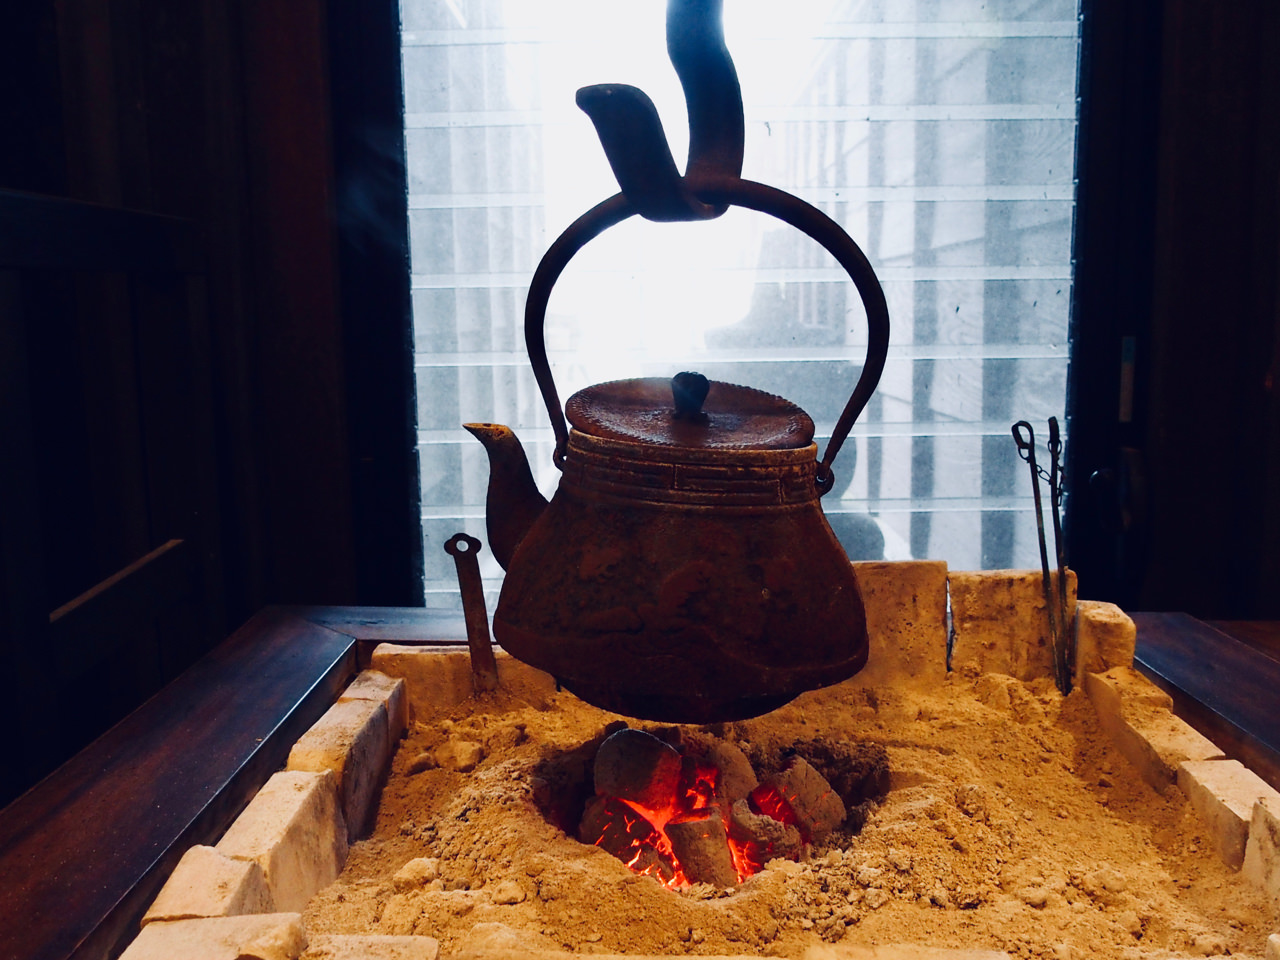 火鉢に吊るされた鉄器